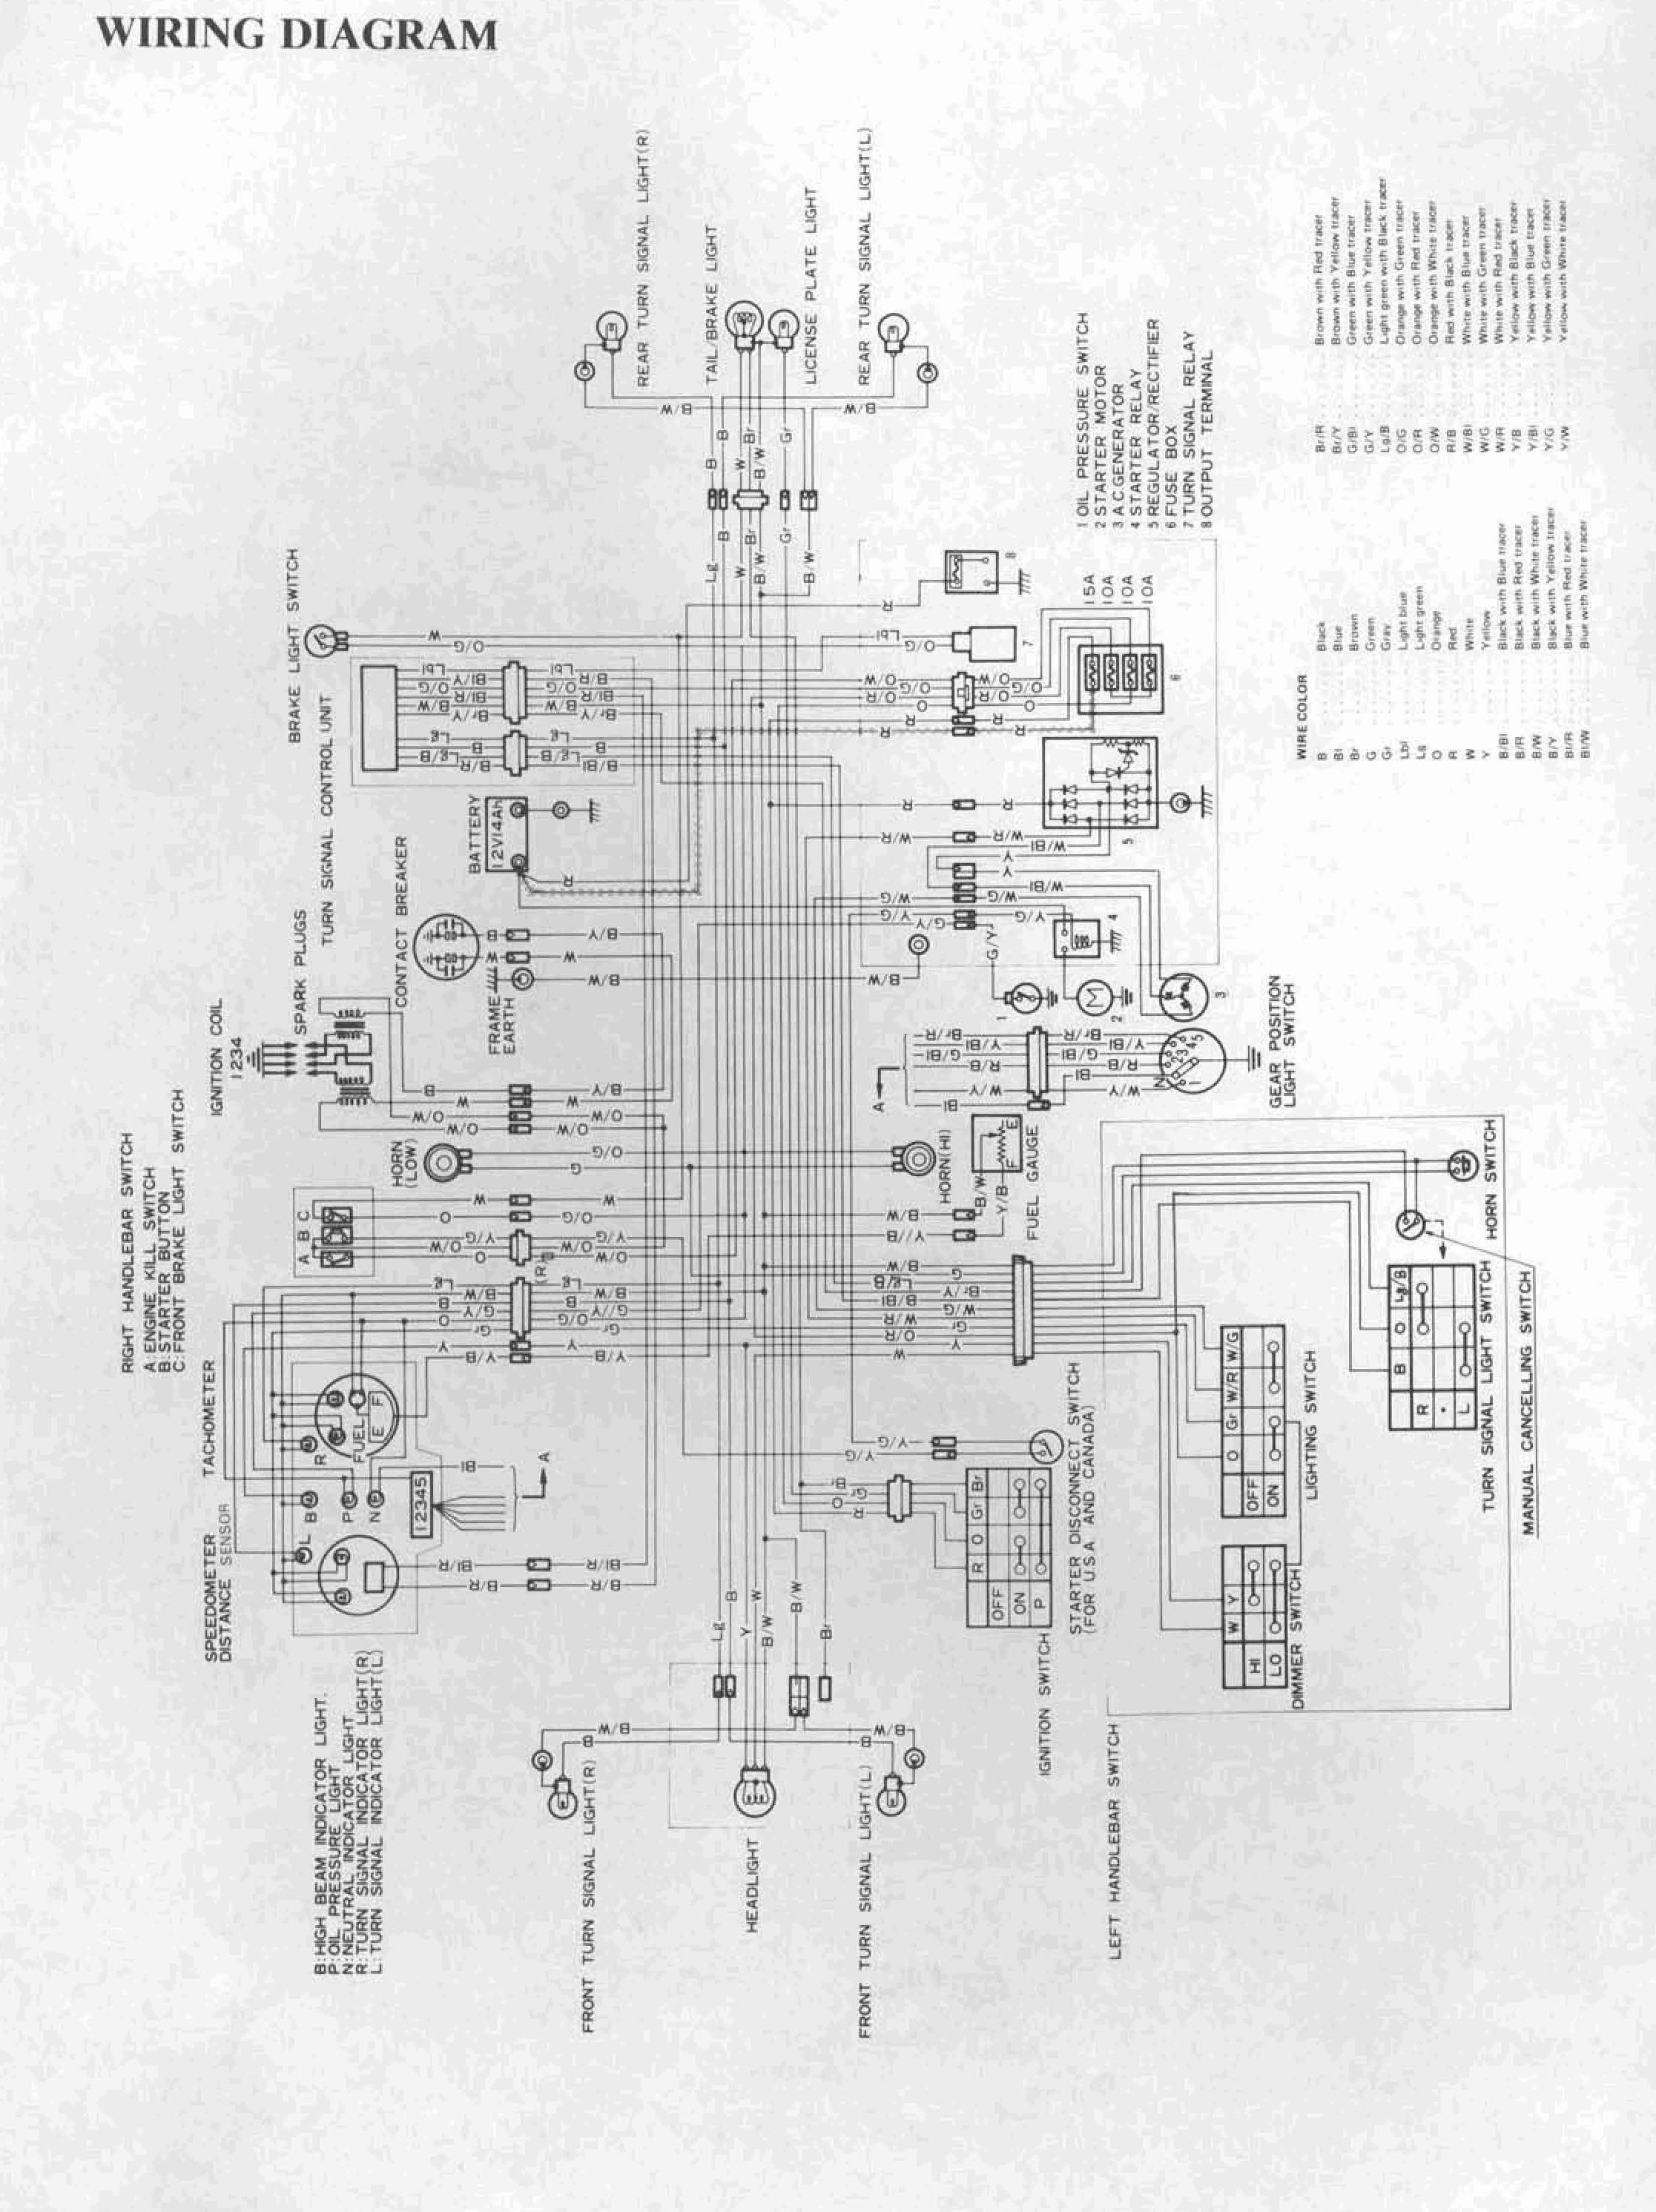 suzuki rv 50 wiring diagram on 4274  suzuki motorcycle wiring diagrams view diagram wiring diagram  suzuki motorcycle wiring diagrams view